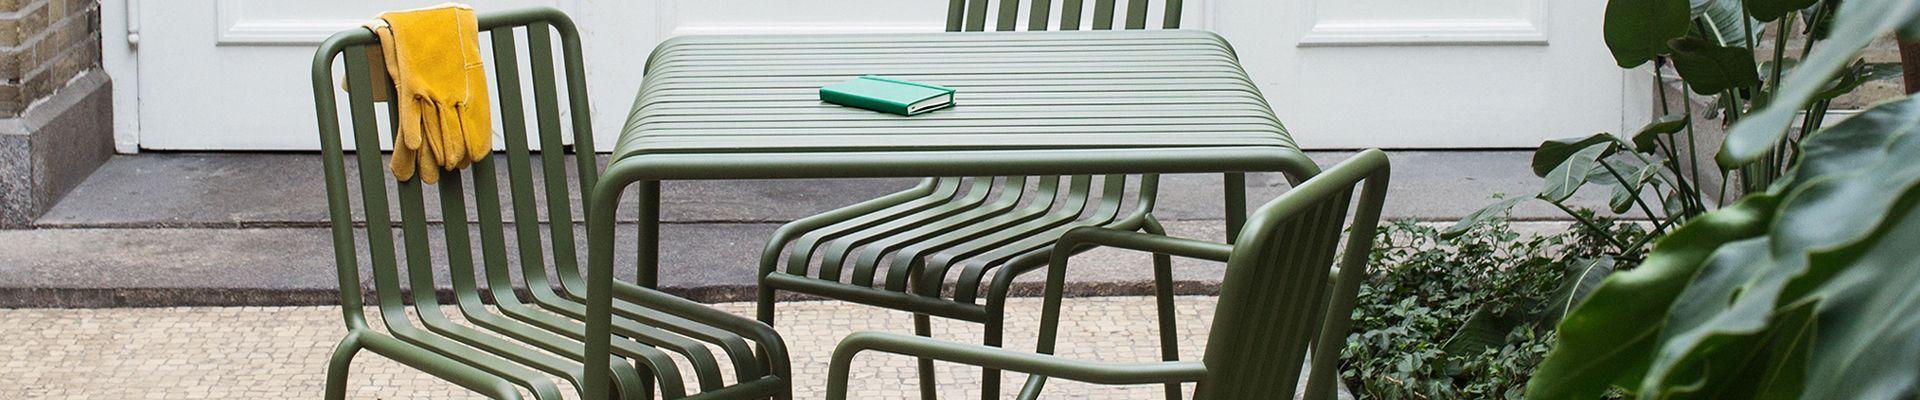 Kreative Stylingtipps für den Balkon und Garten